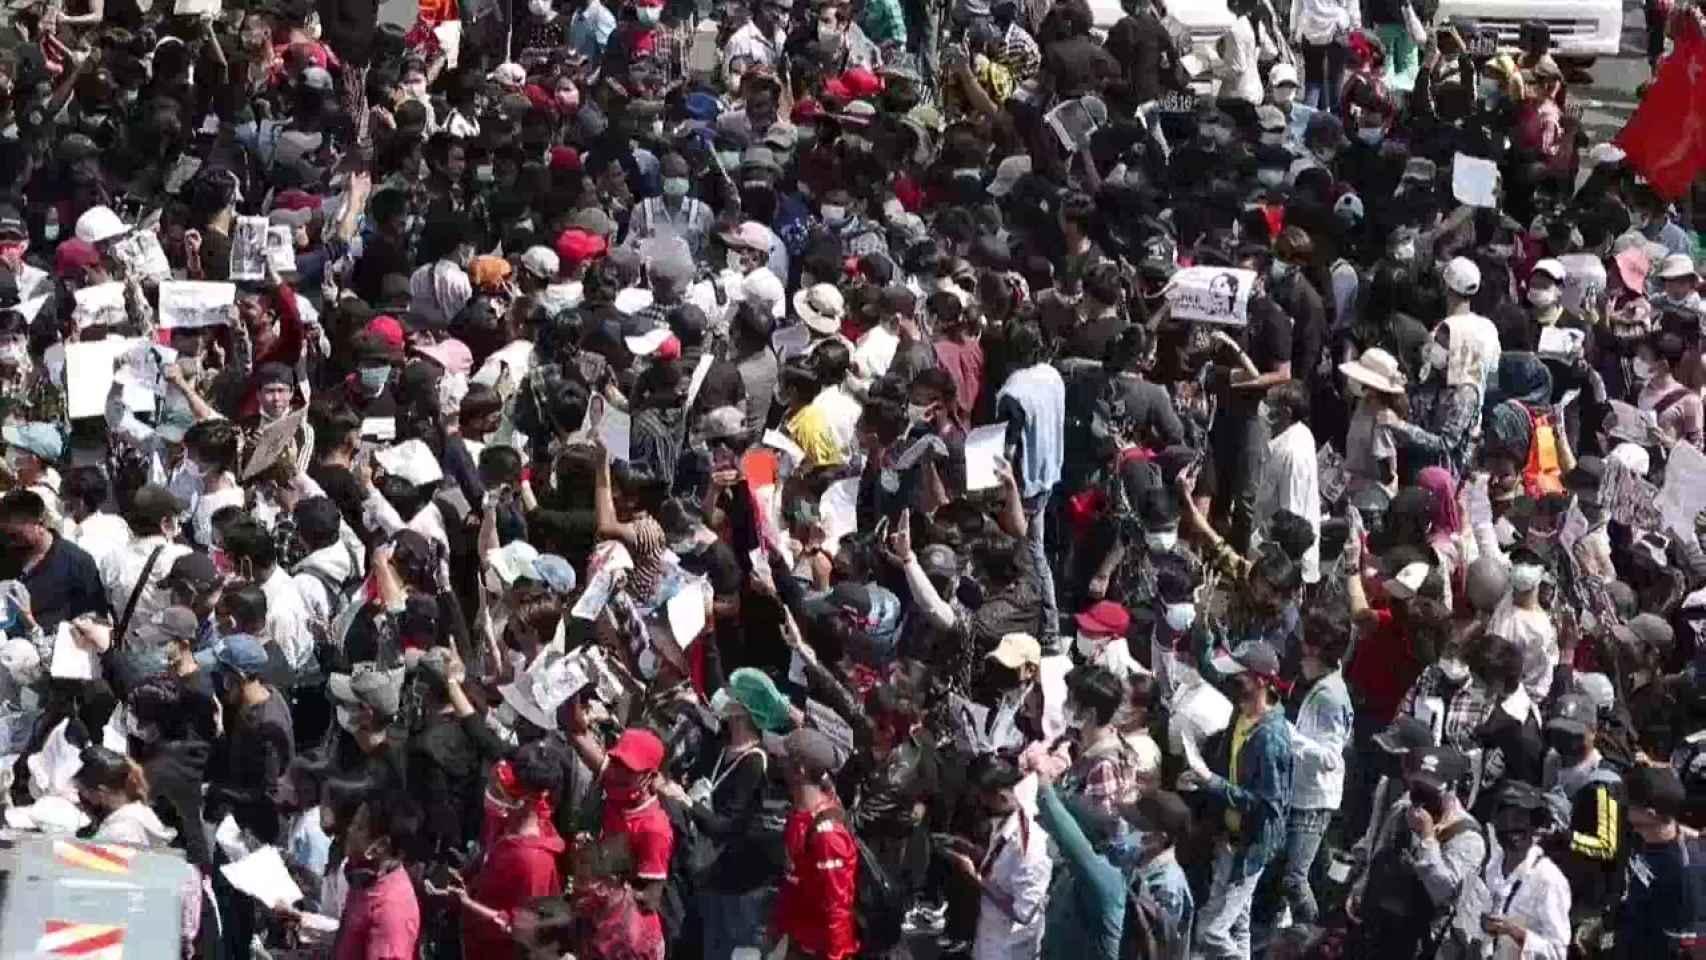 Birmania impone la ley marcial en varias ciudades ante las crecientes protestas